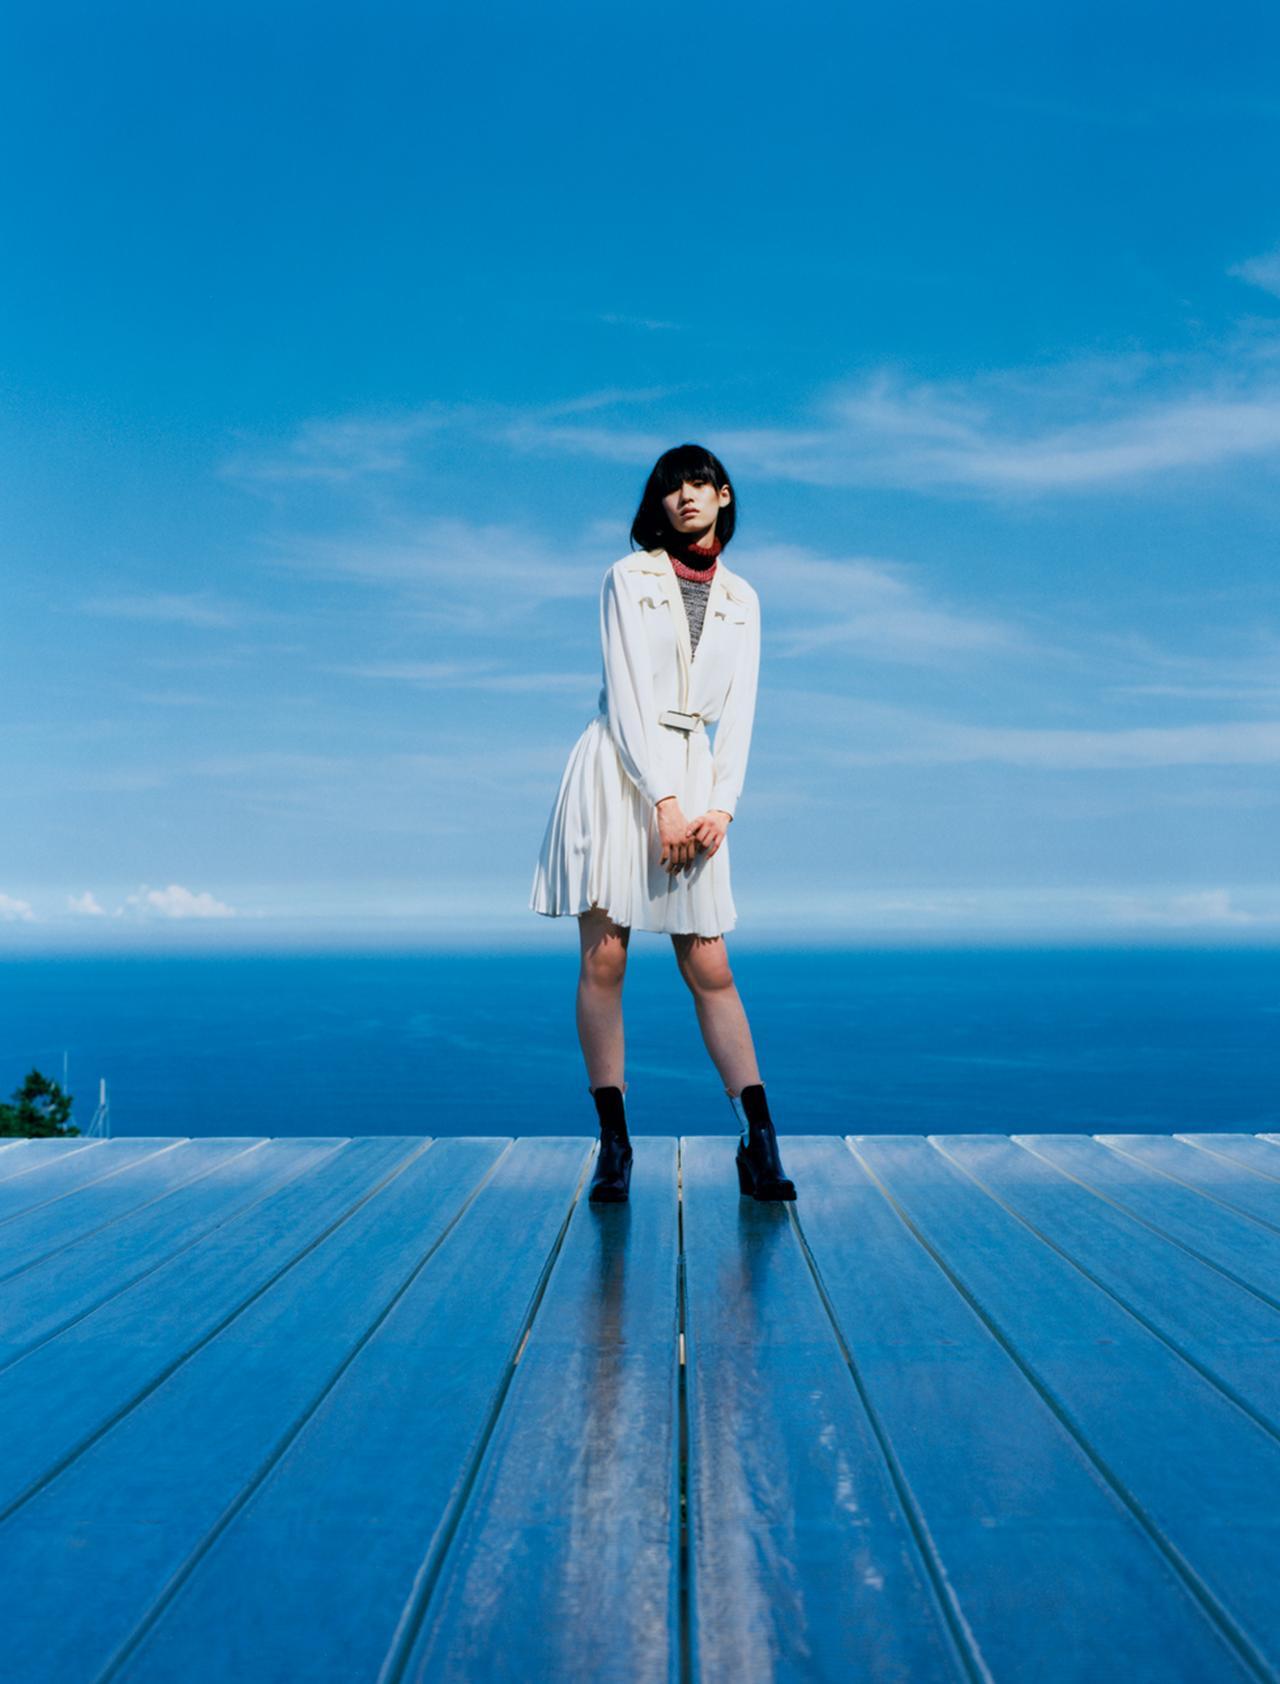 Images : 6番目の画像 - 「時代を超えるファッションと建築」のアルバム - T JAPAN:The New York Times Style Magazine 公式サイト